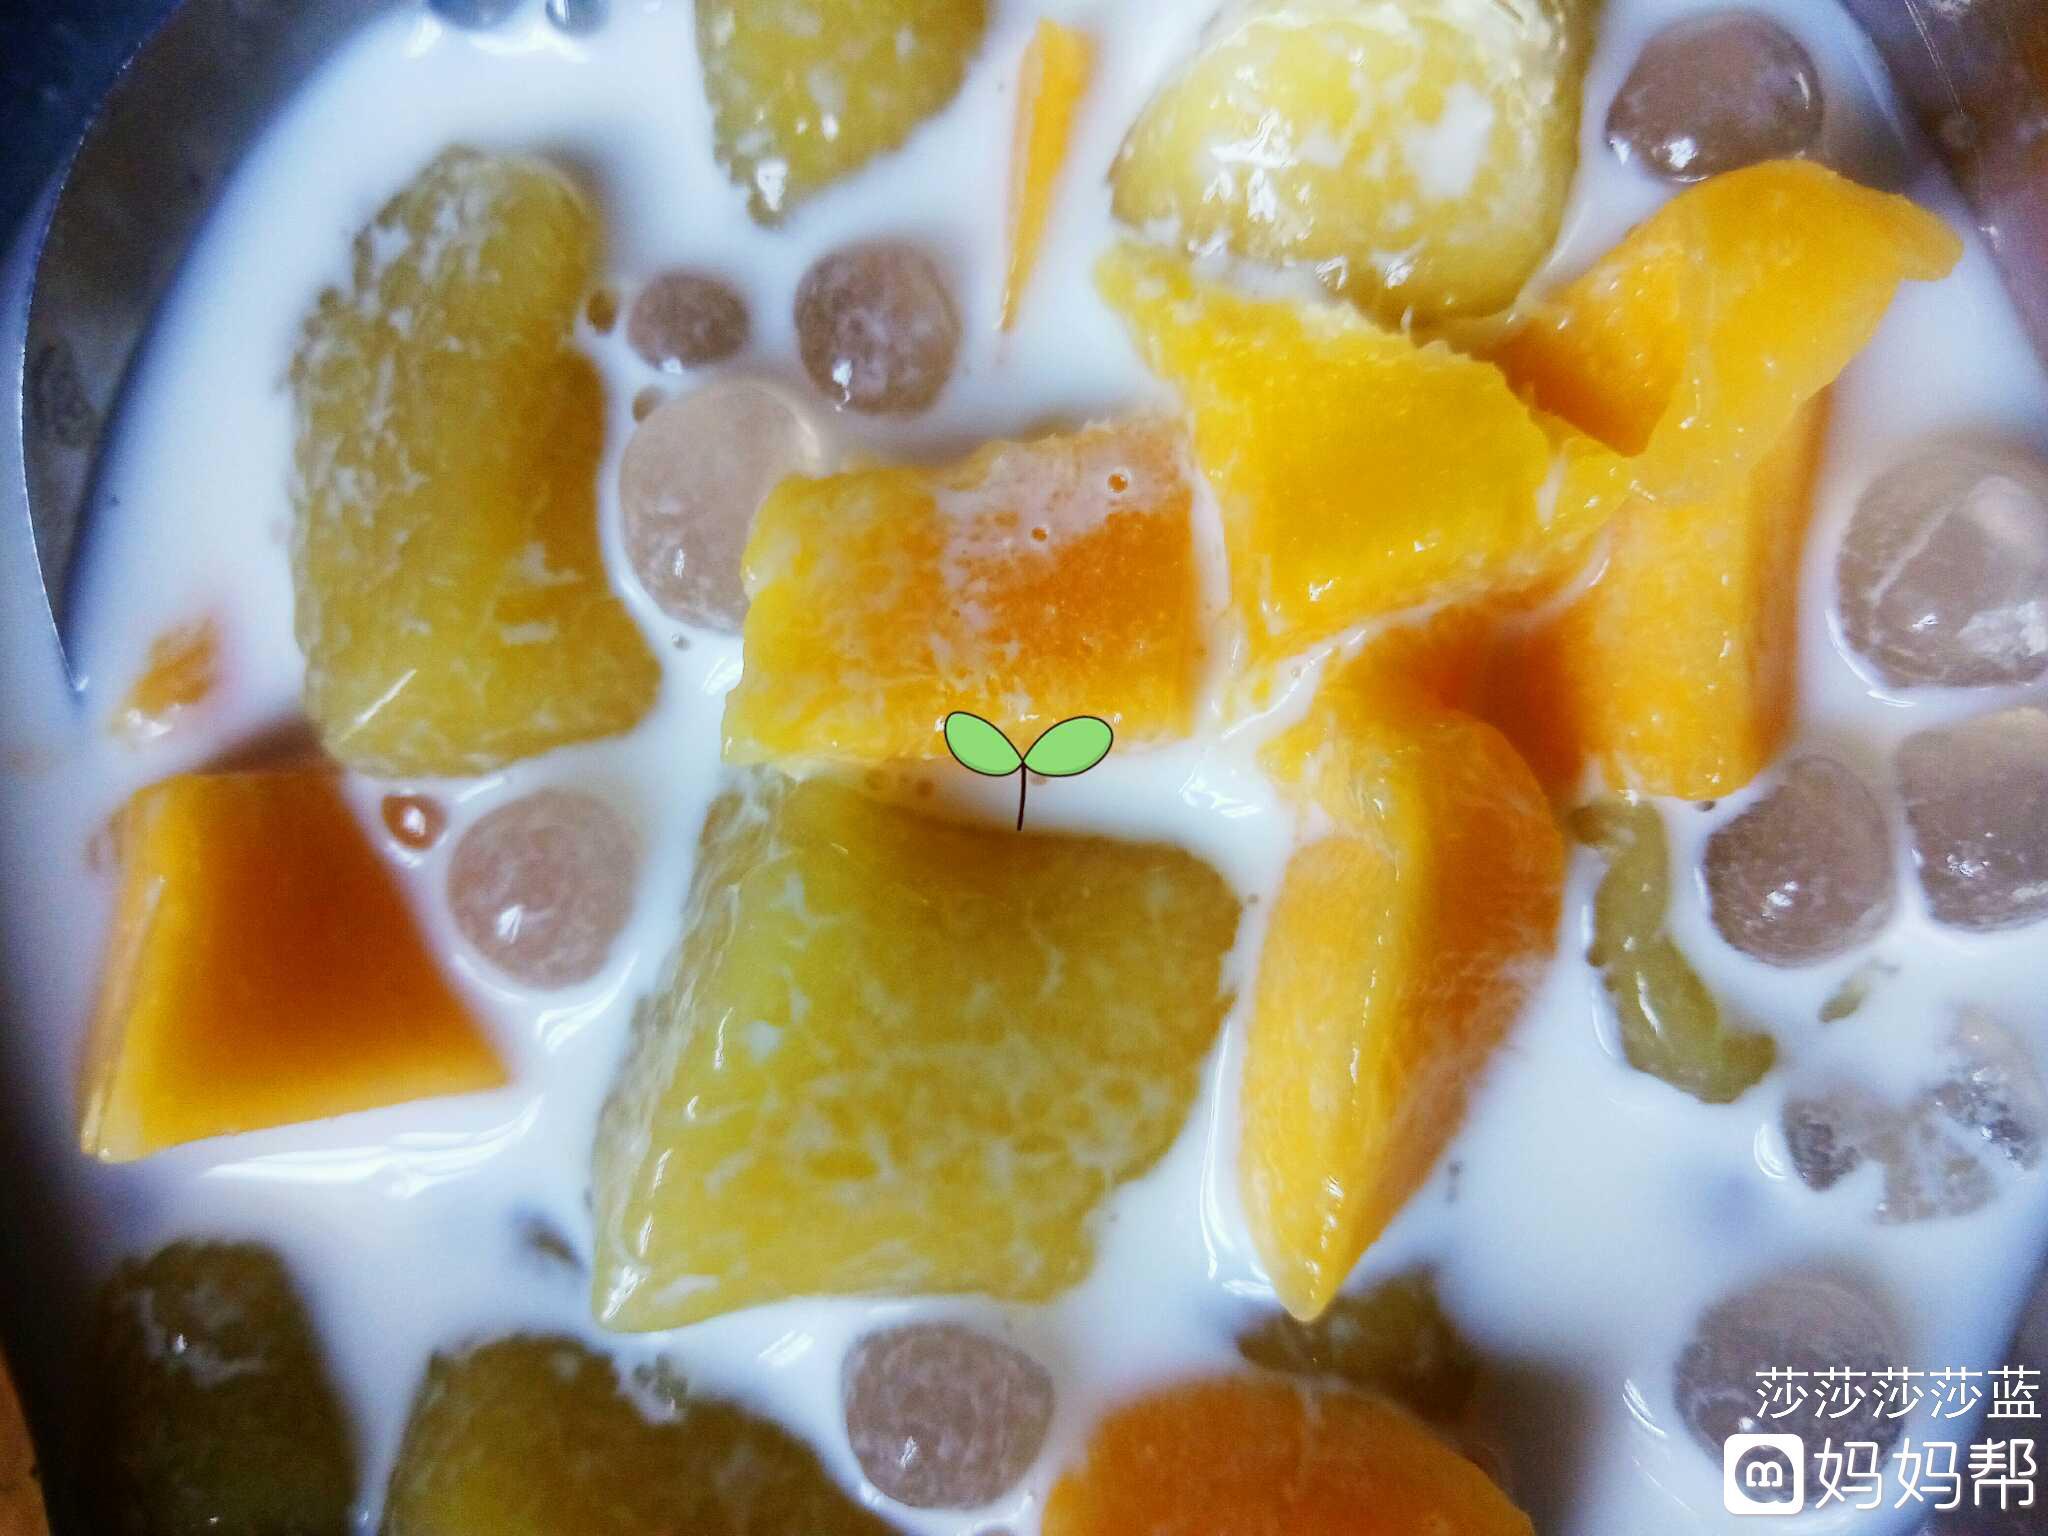 美食日记# 手工芋圆 芒果西米露天太